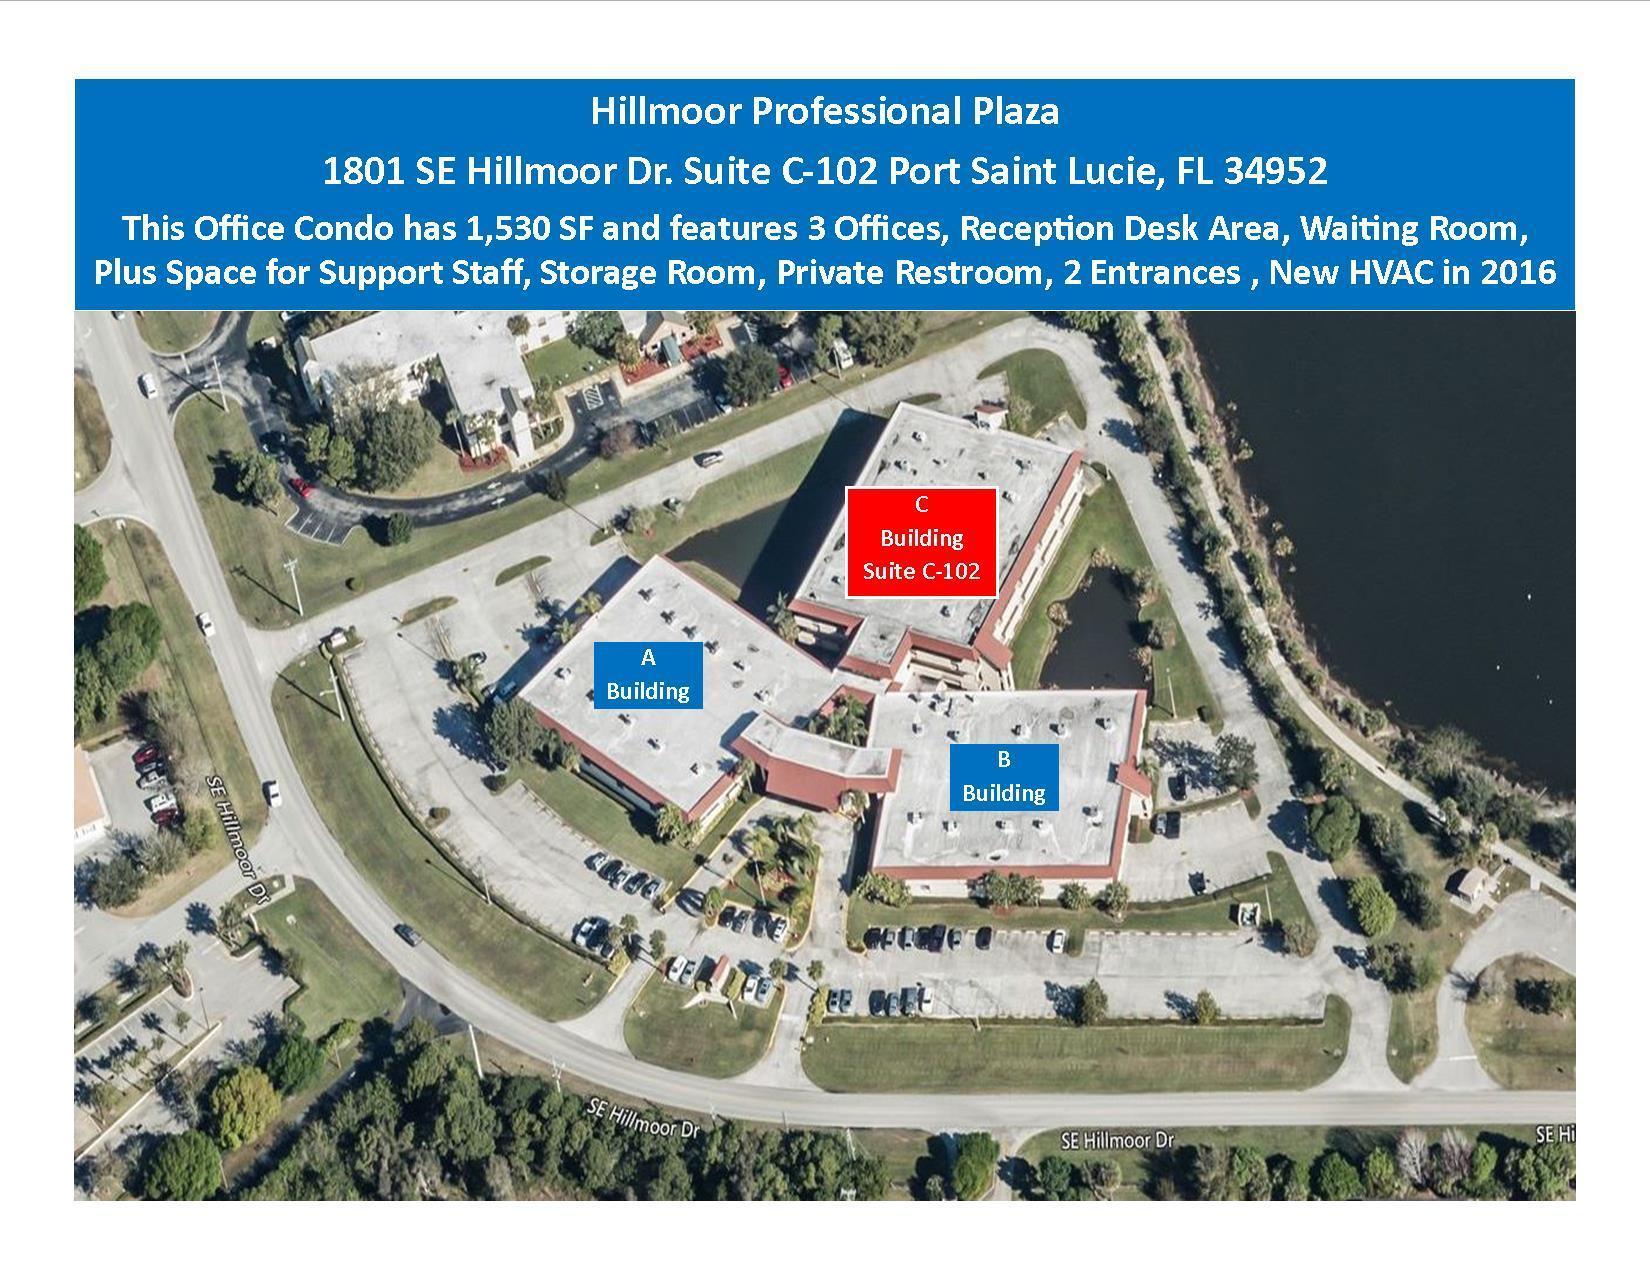 1801 SE Hillmoor Unit C-102, Port Saint Lucie, Florida 34952